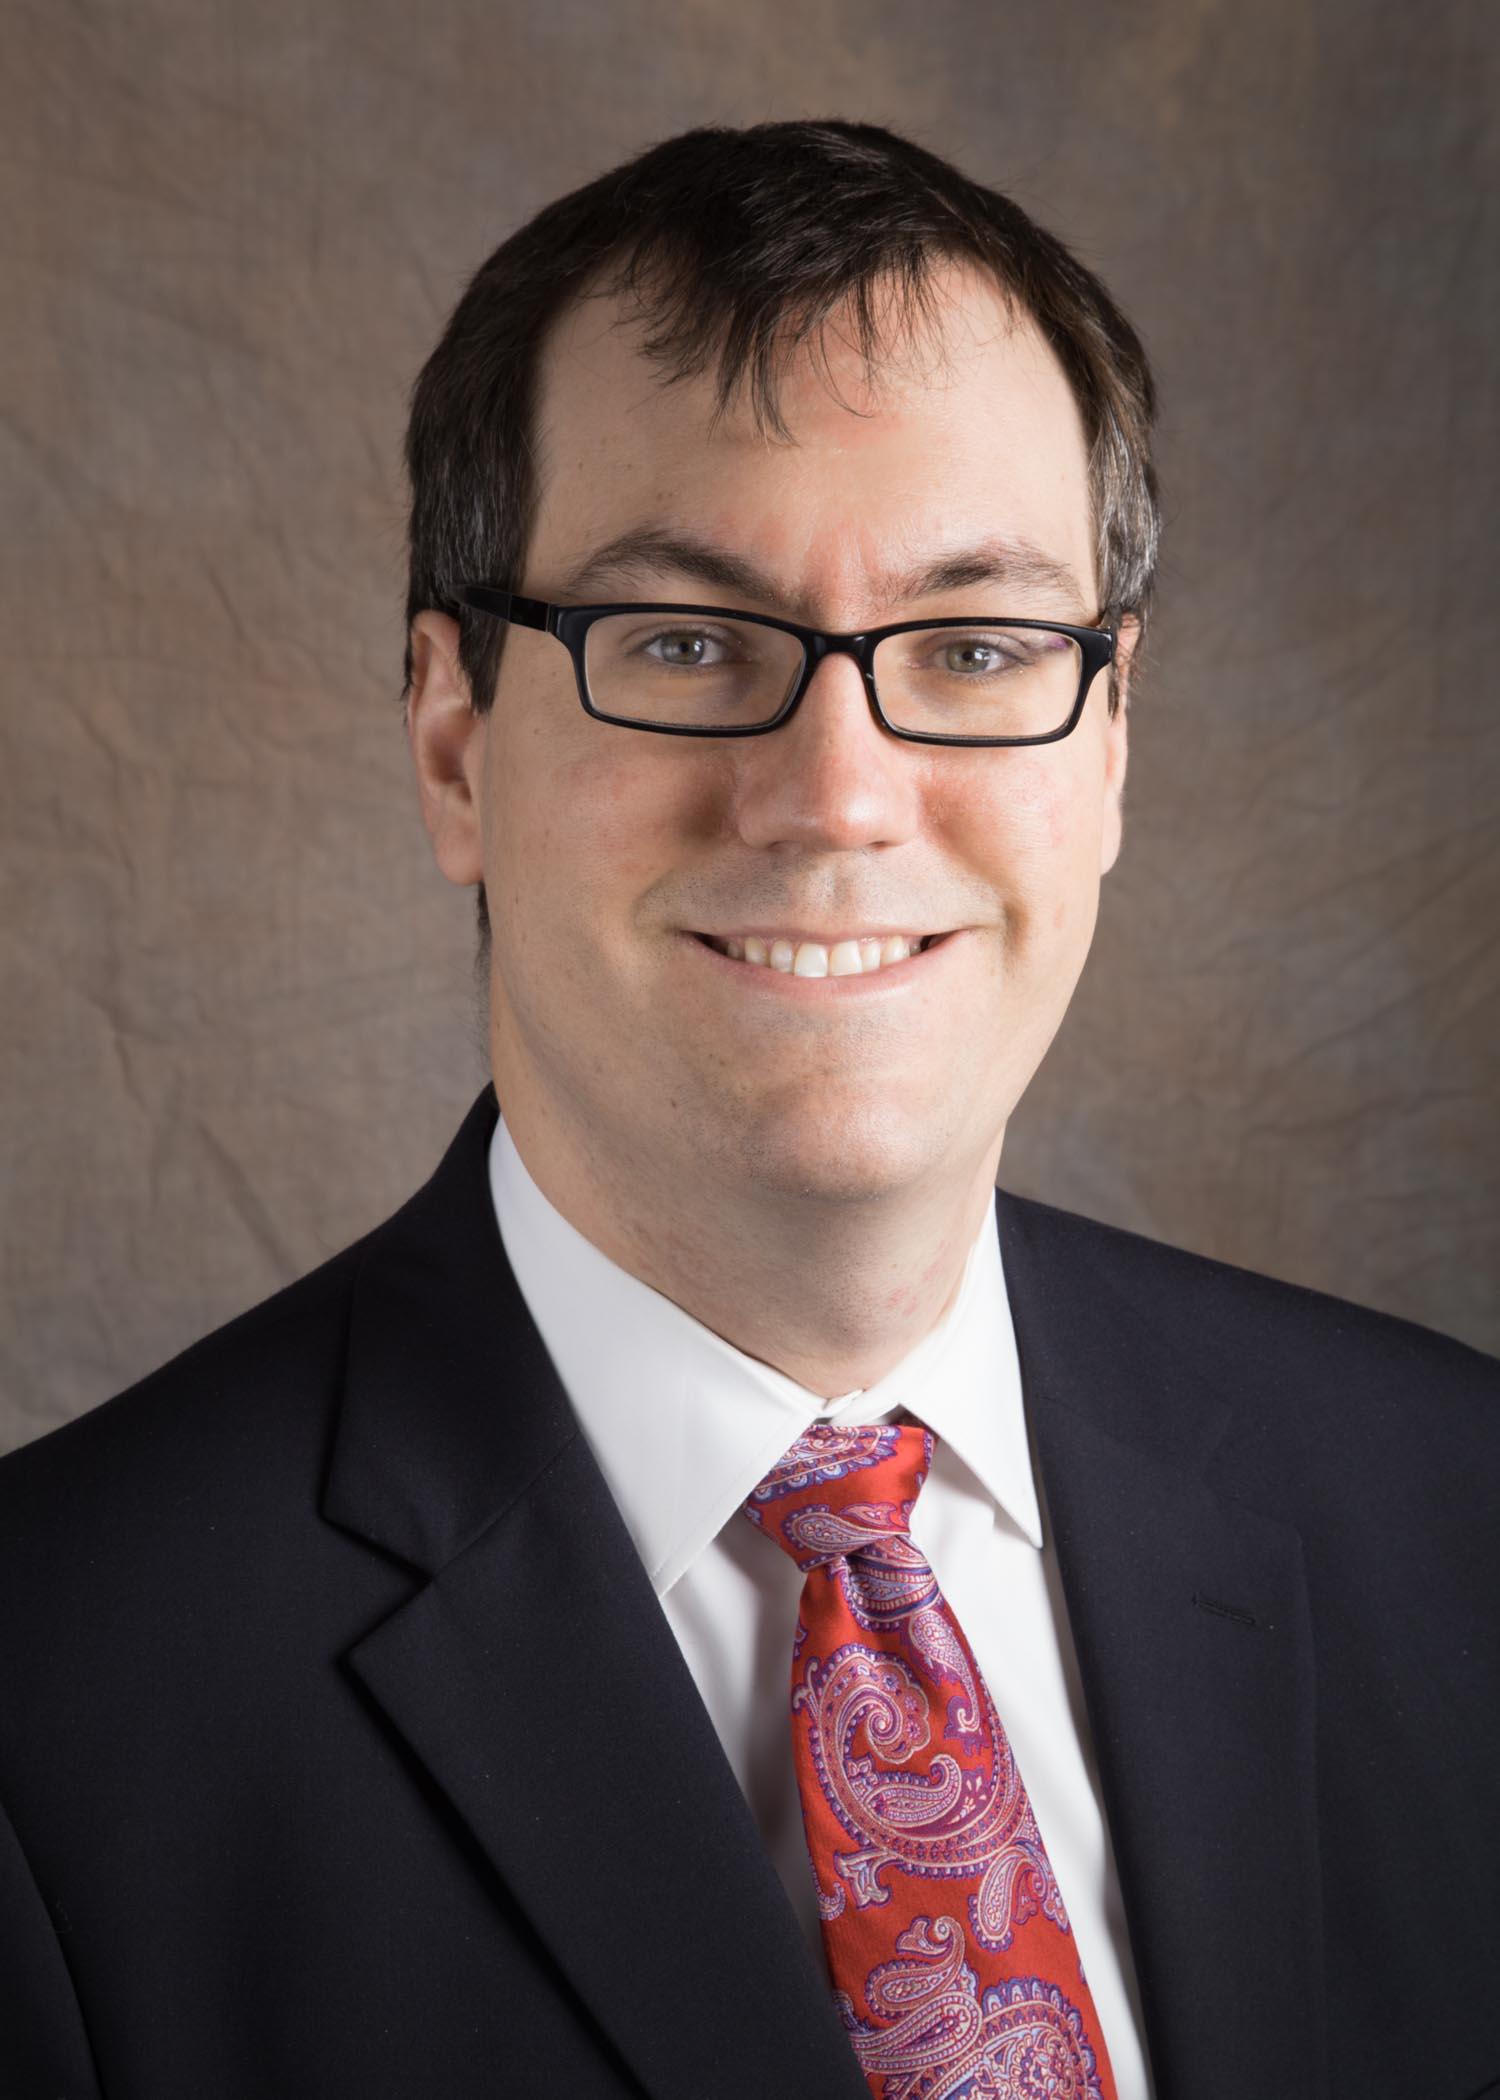 E. Philip Groben